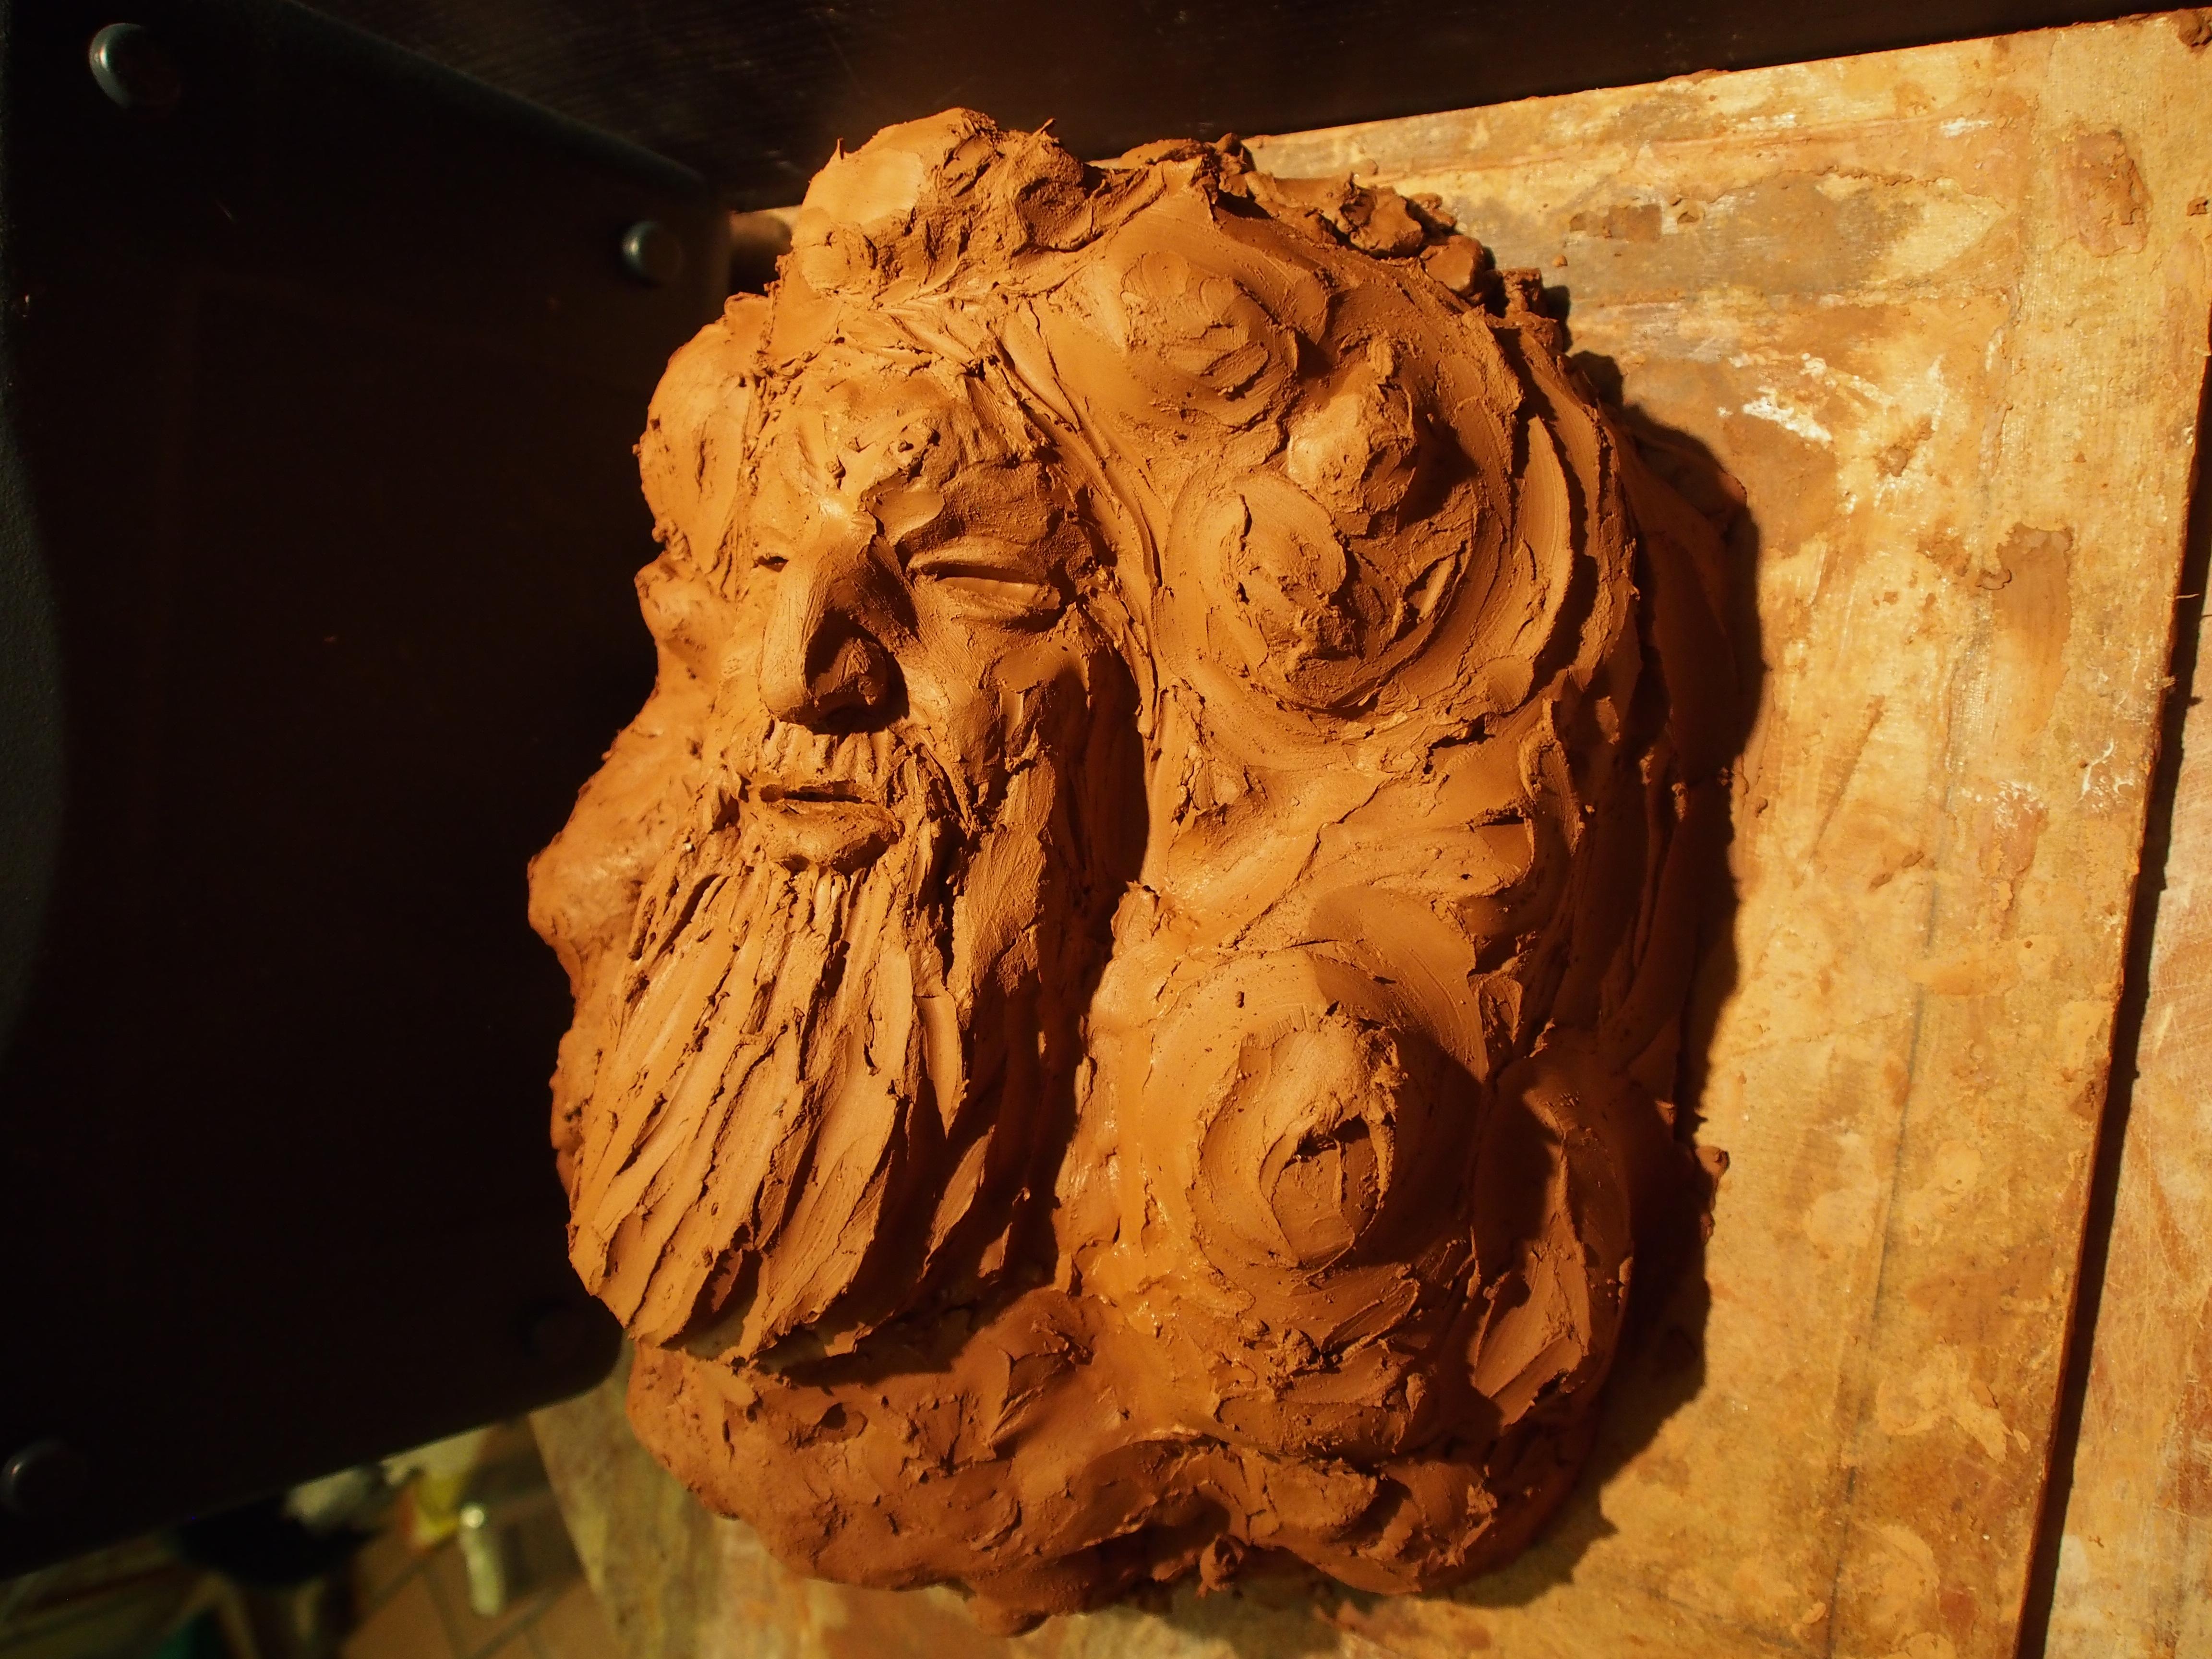 Projets et ébauches - Sculptures de Patrick Chaland